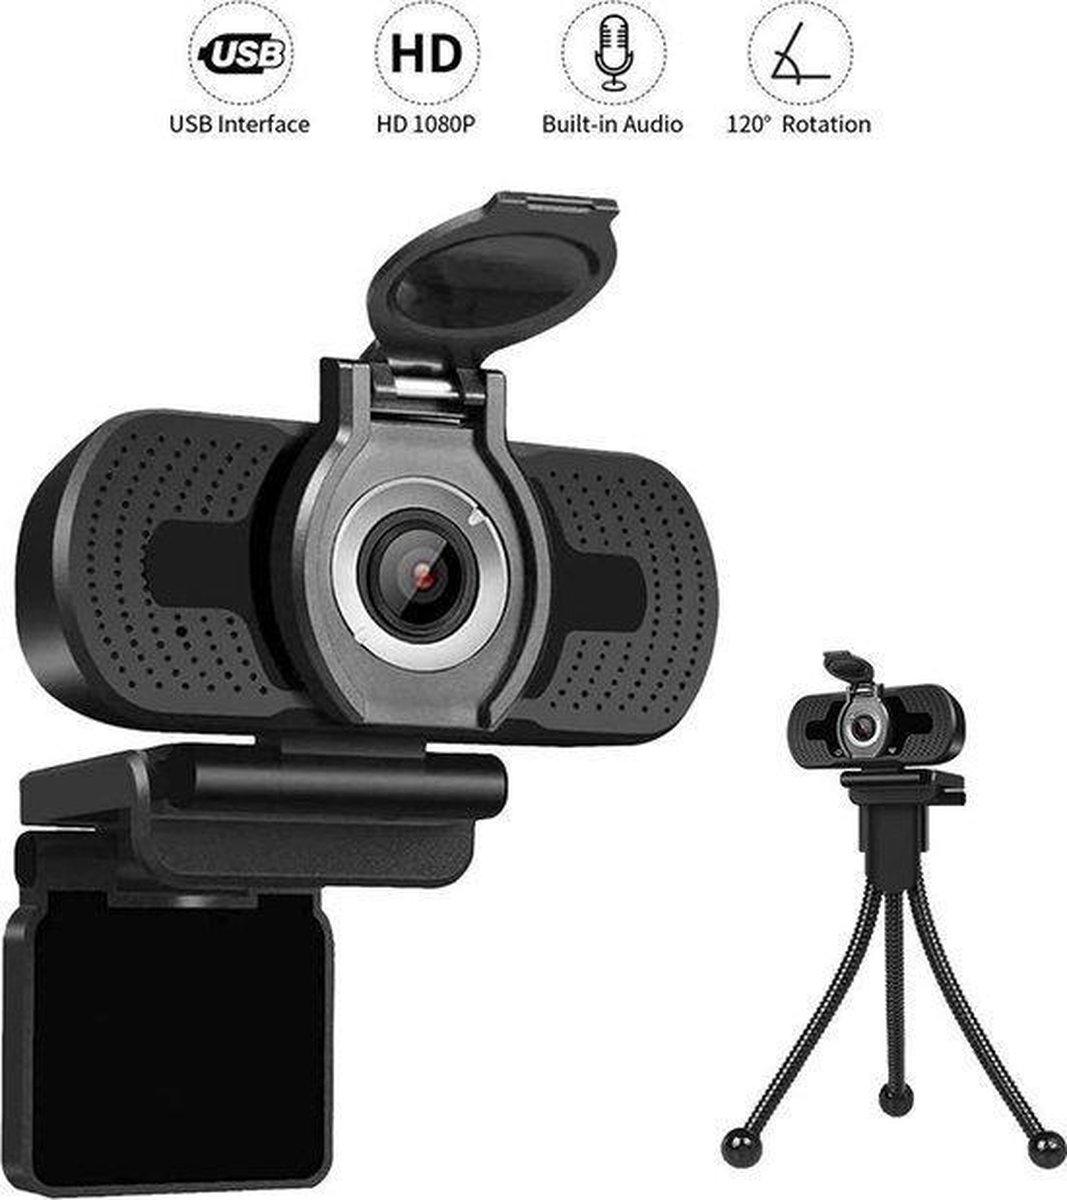 Professionele Webcam Full HD 1920x1080 Pixels Met ingebouwde microfoon + Gratis Webcam Cover & Tripod - Webcam voor PC - Webcams - USB Microfoon - Thuiswerken - Webcam met microfoon - Thuiswerk pakket - Thuiswerkplek - Webcam - Gamen